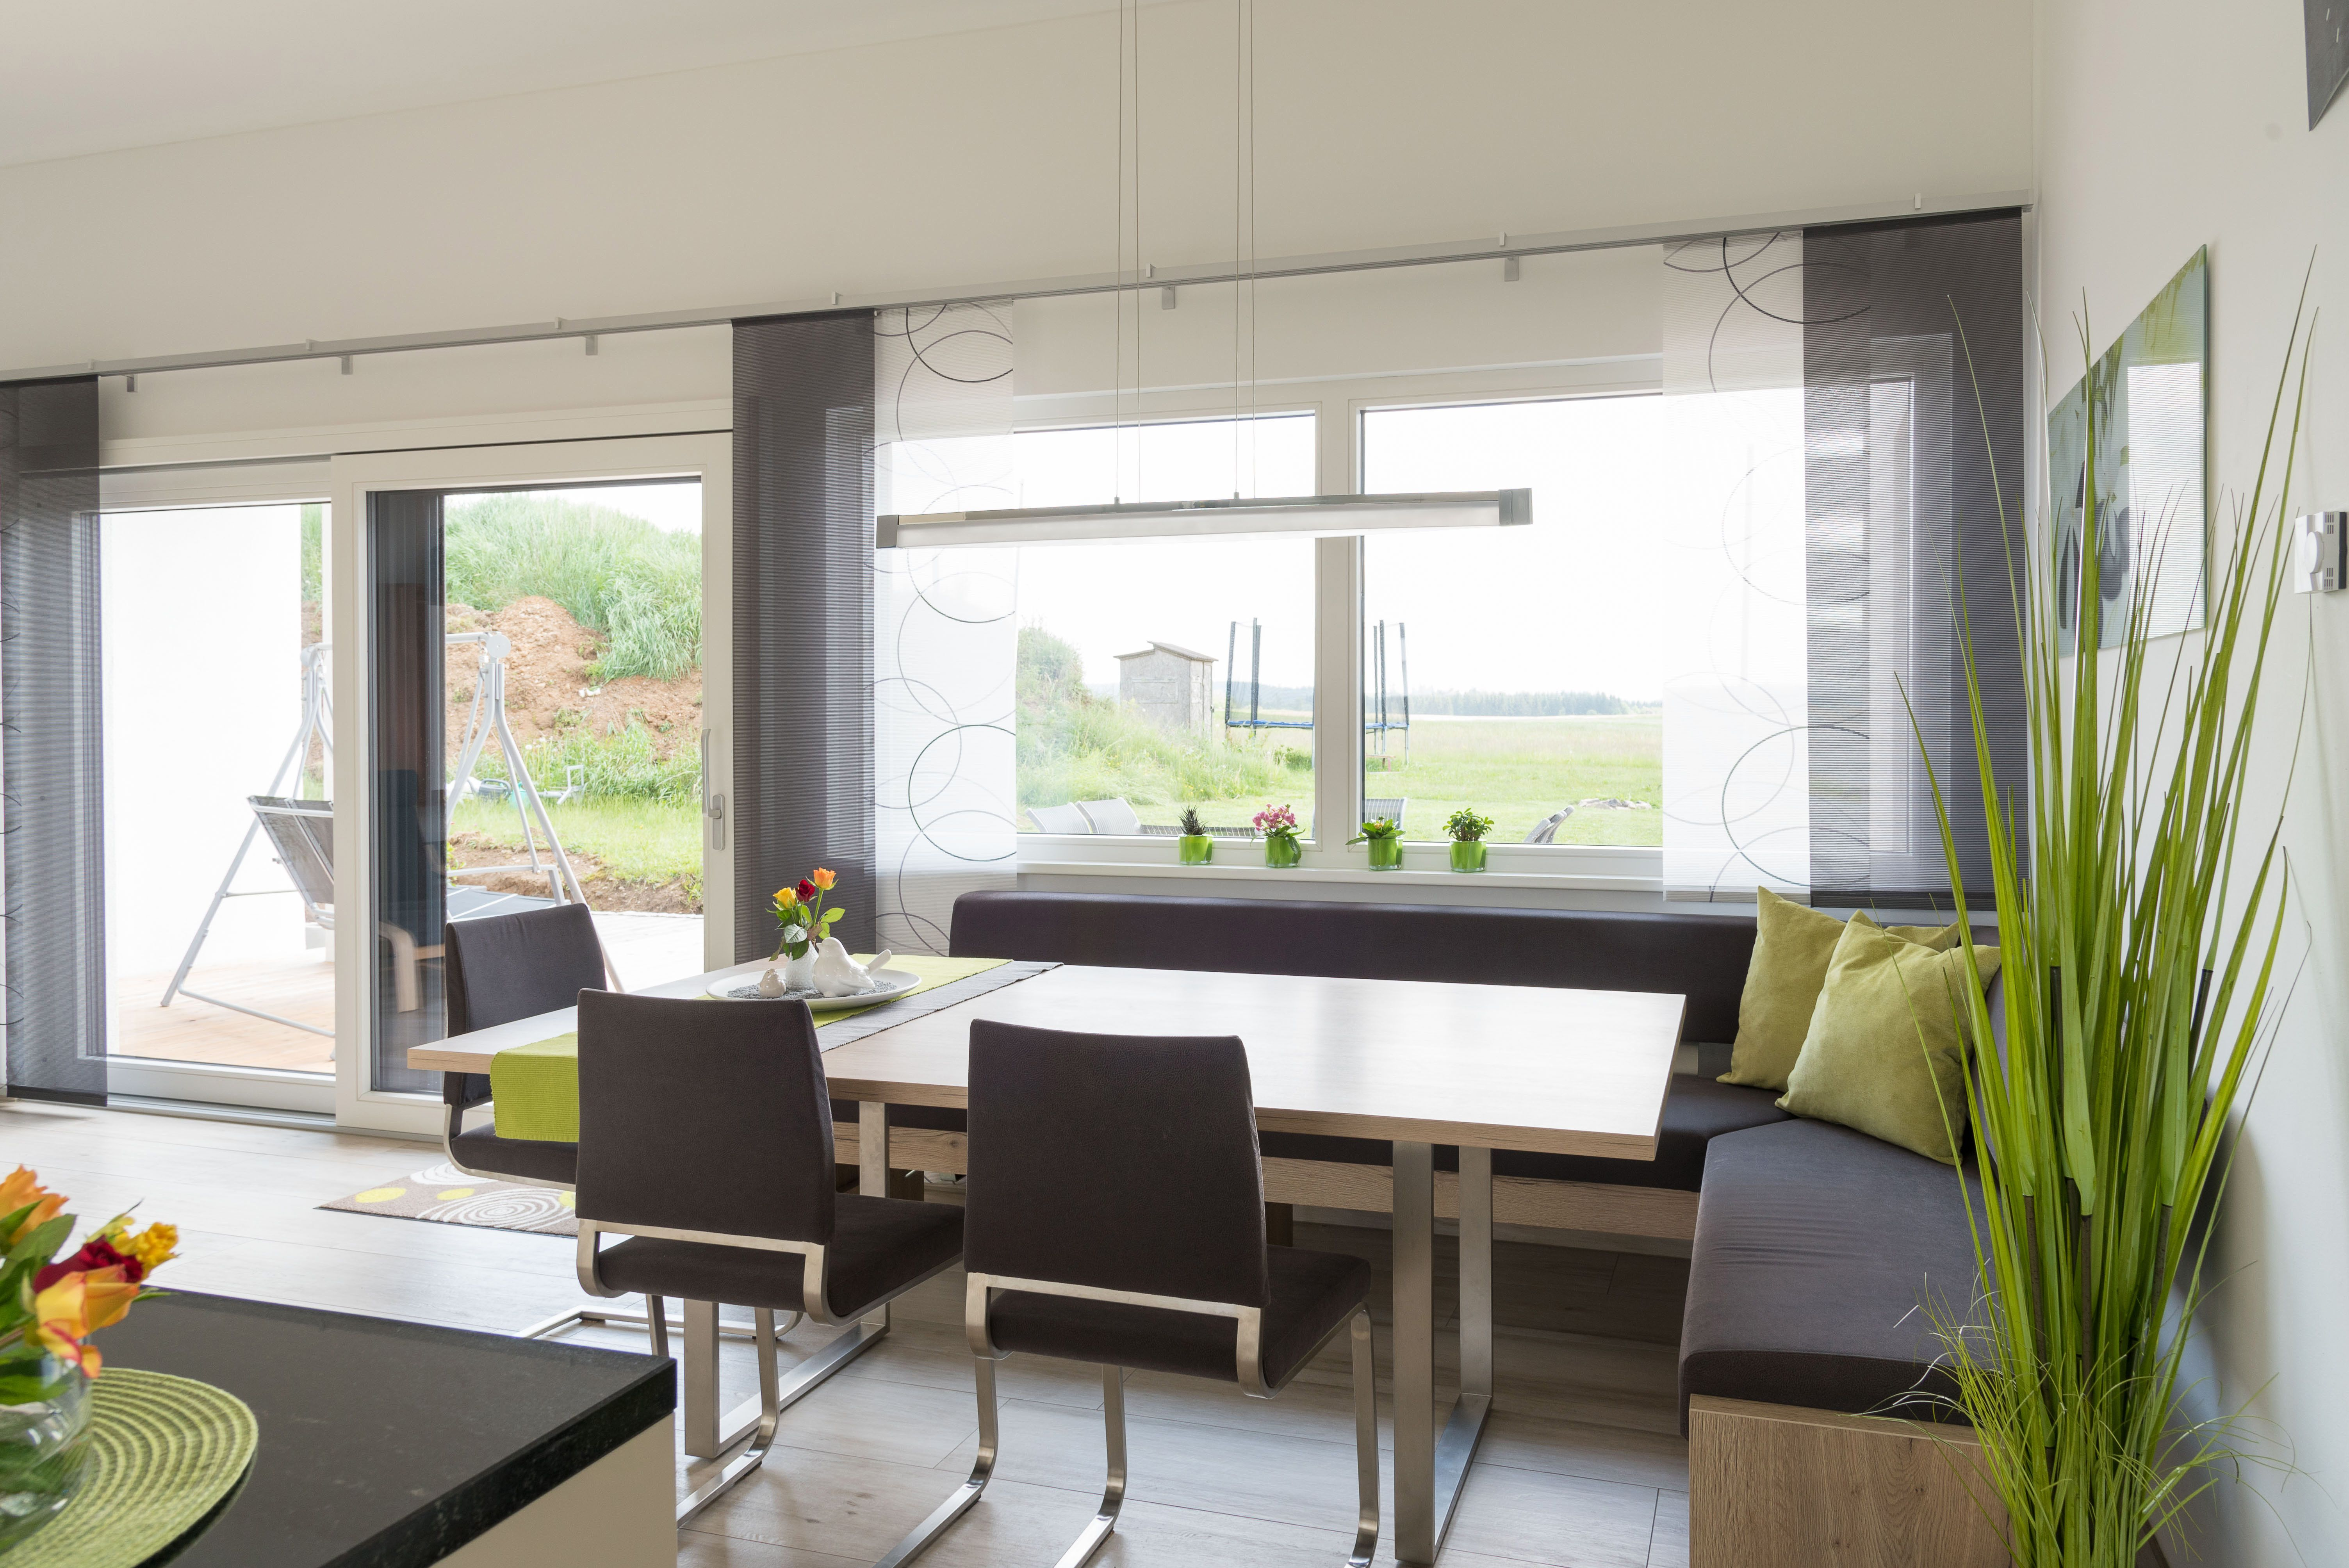 Eckbank Mit Großer Fensterfront In Einem Hartl Haus